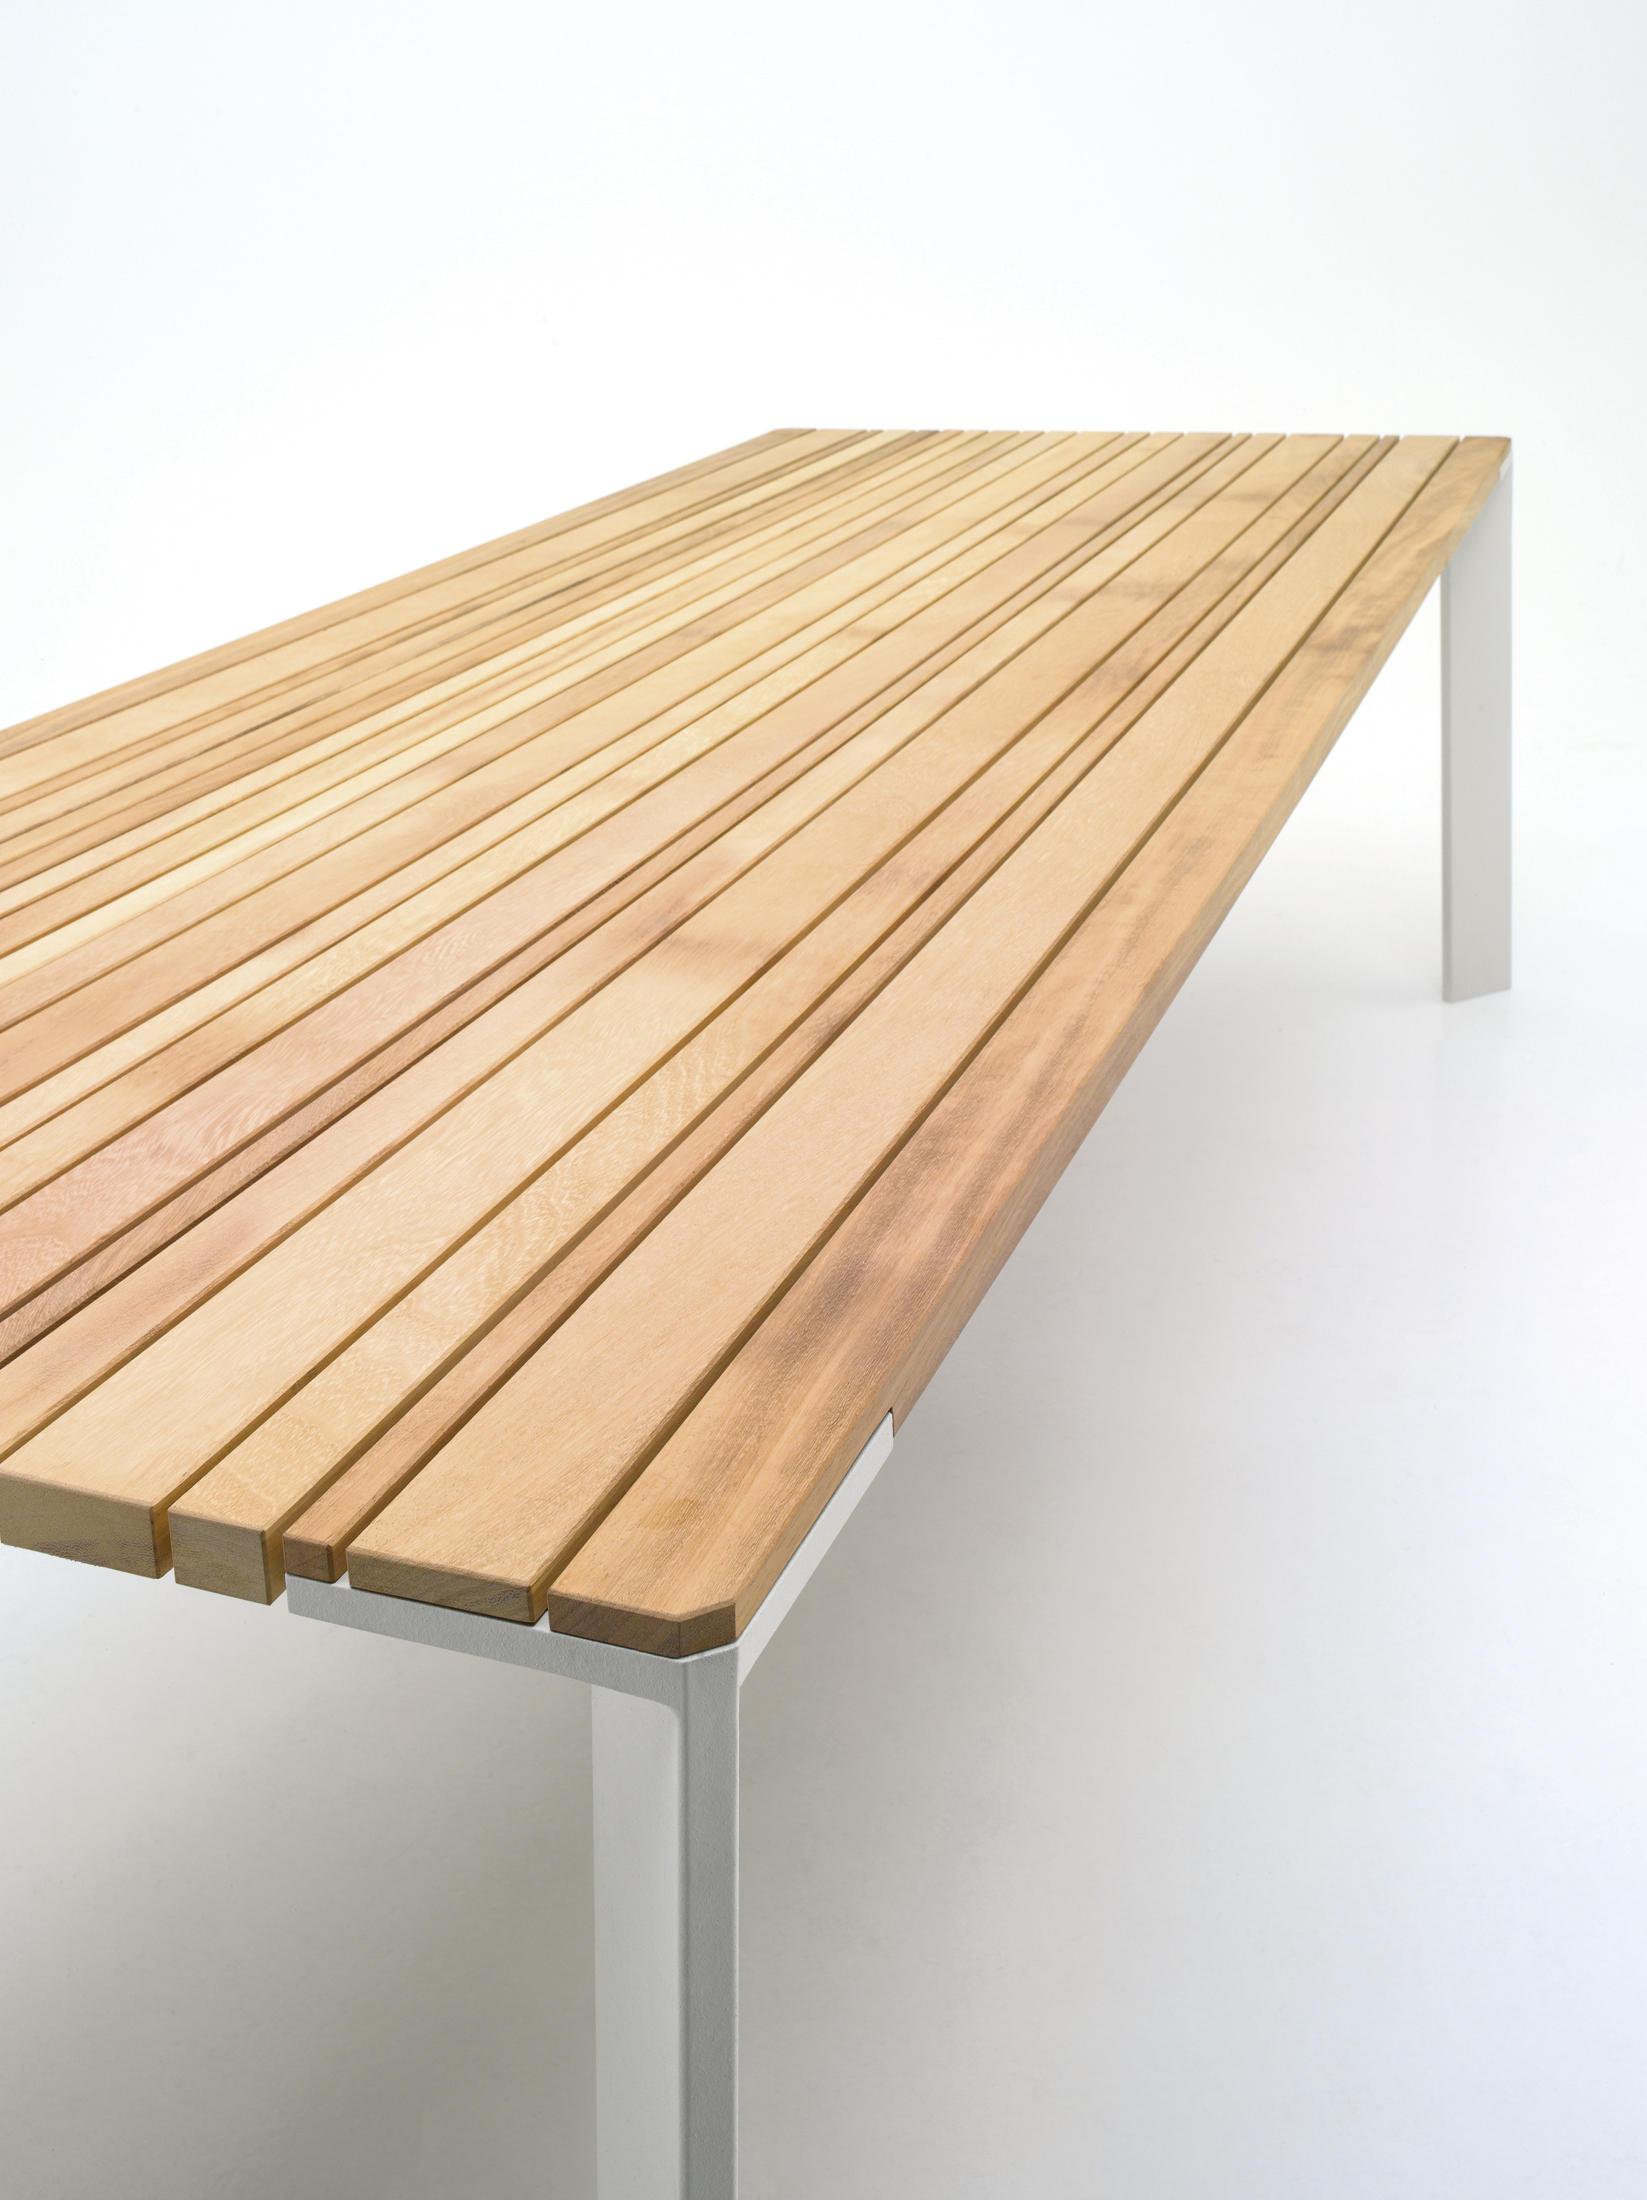 Sunset tables manger de jardin de paola lenti architonic for Paola lenti